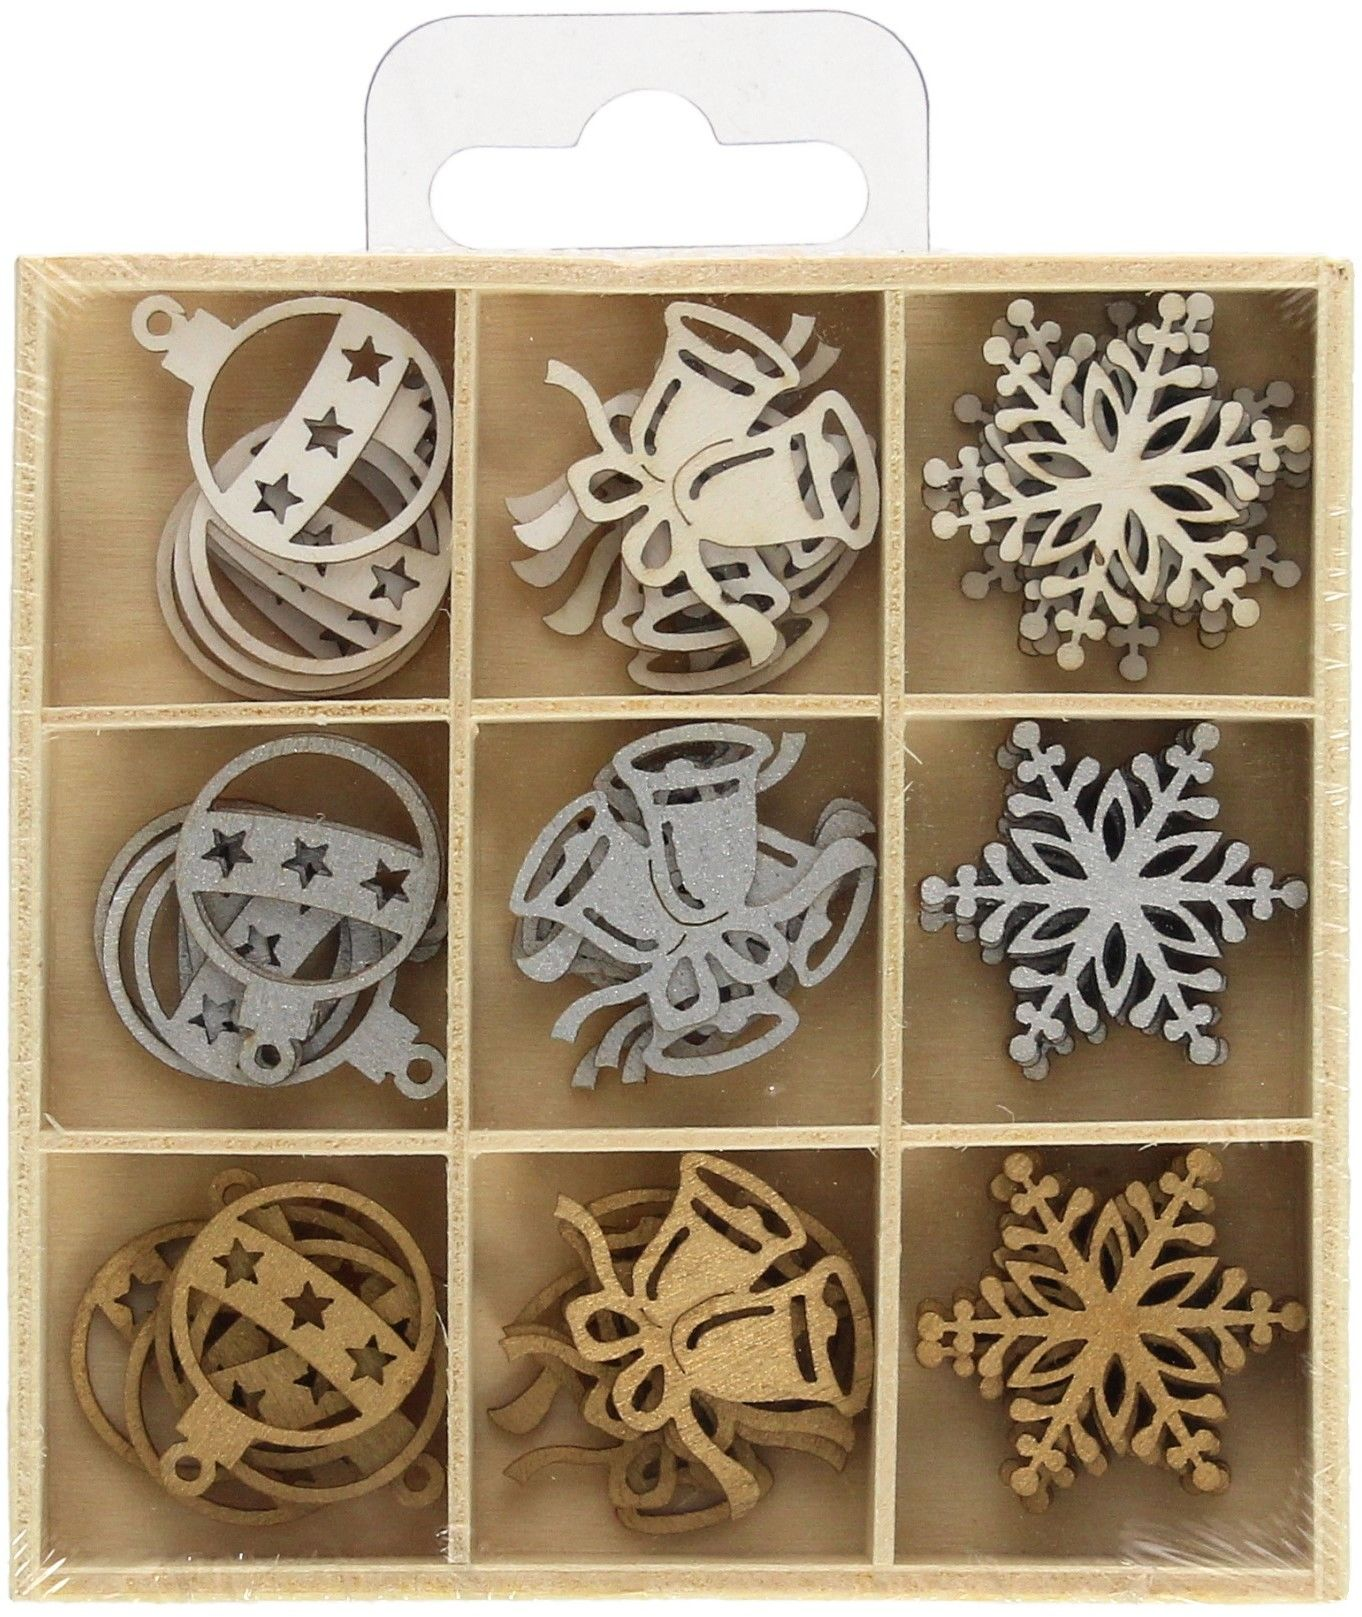 Zestaw drewnianych ozdób/zawieszek świątecznych komplet 45 sztuk